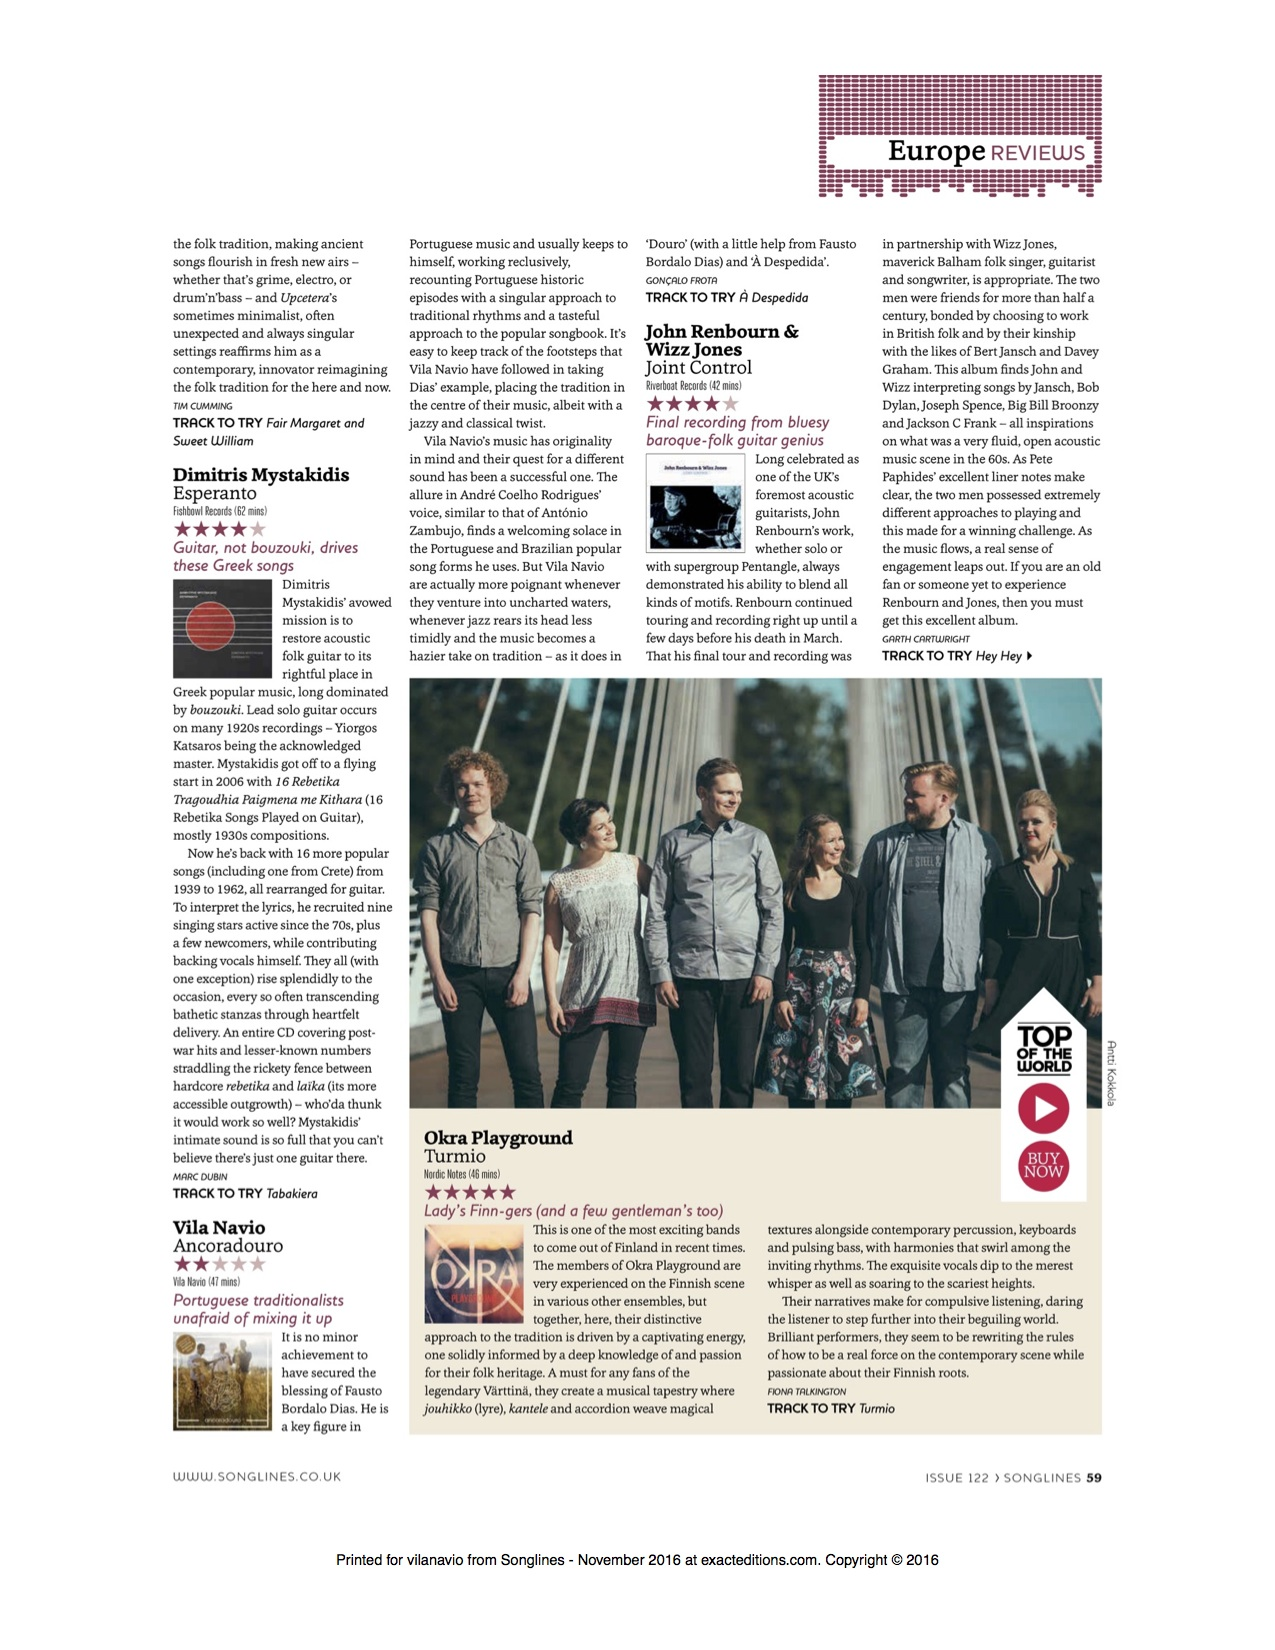 Songlines Magazine, 2016